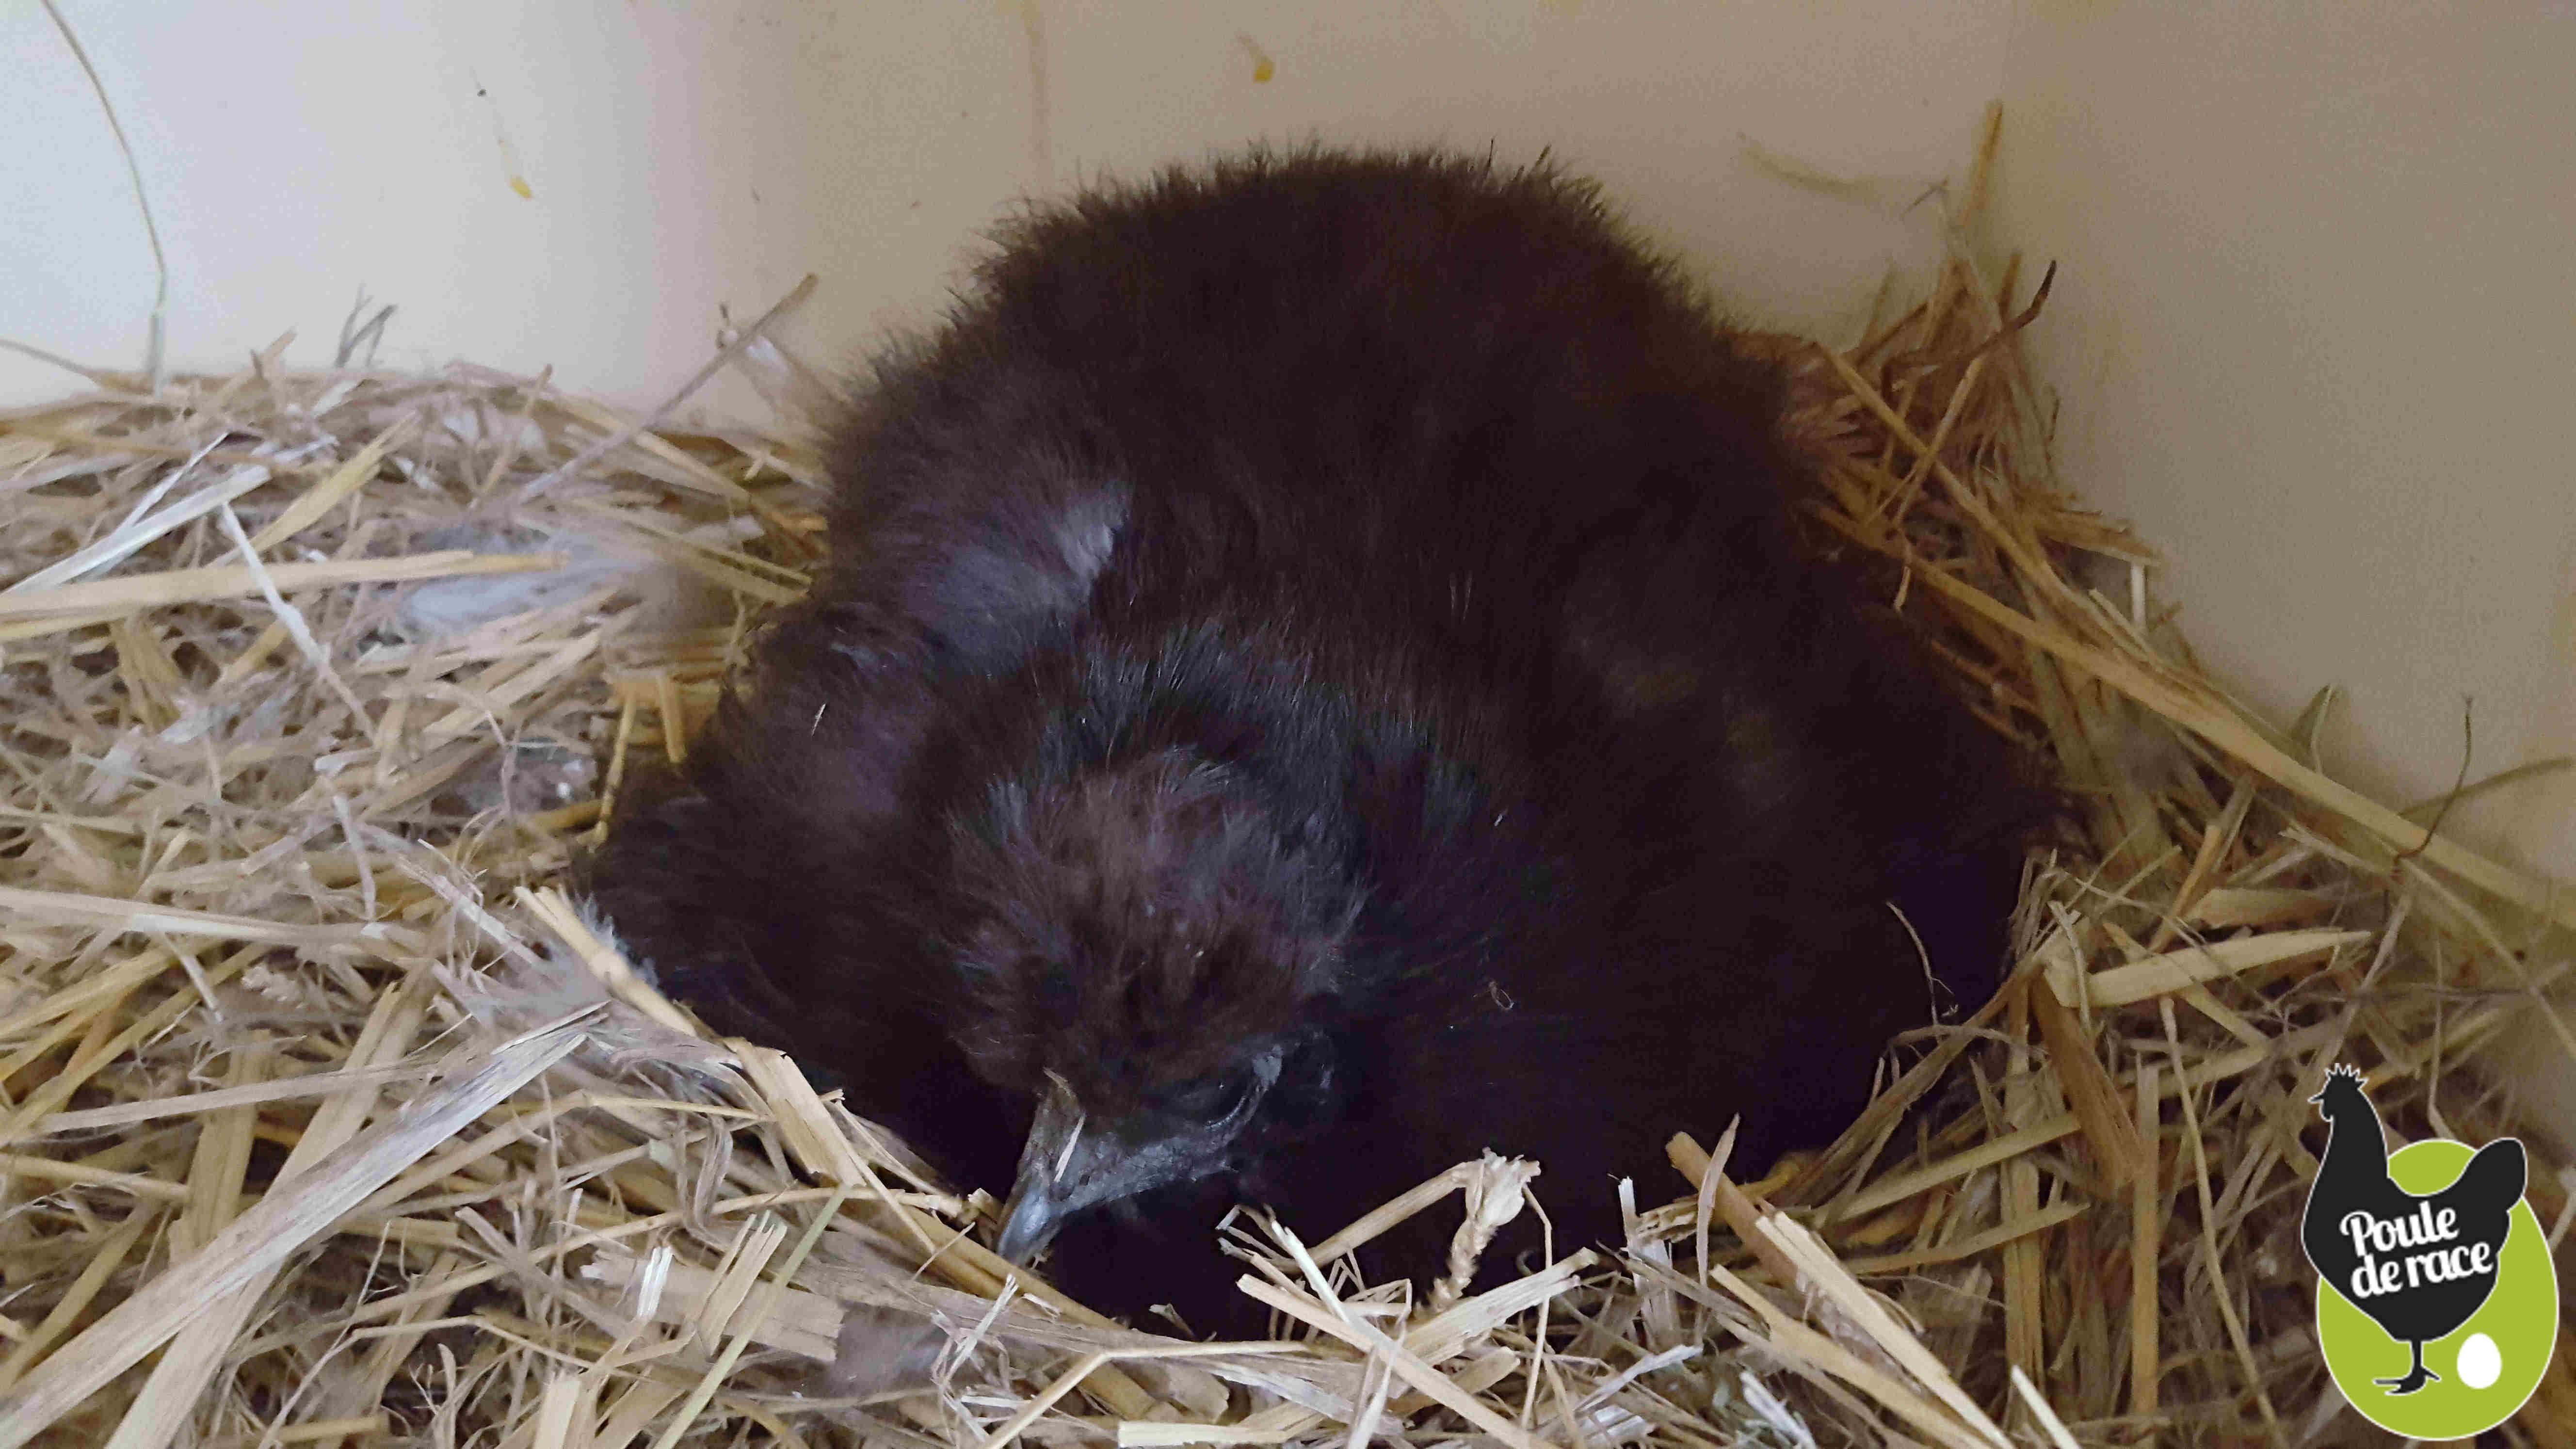 poule soie noire qui couve pour la troisième fois depuis le début de l'année